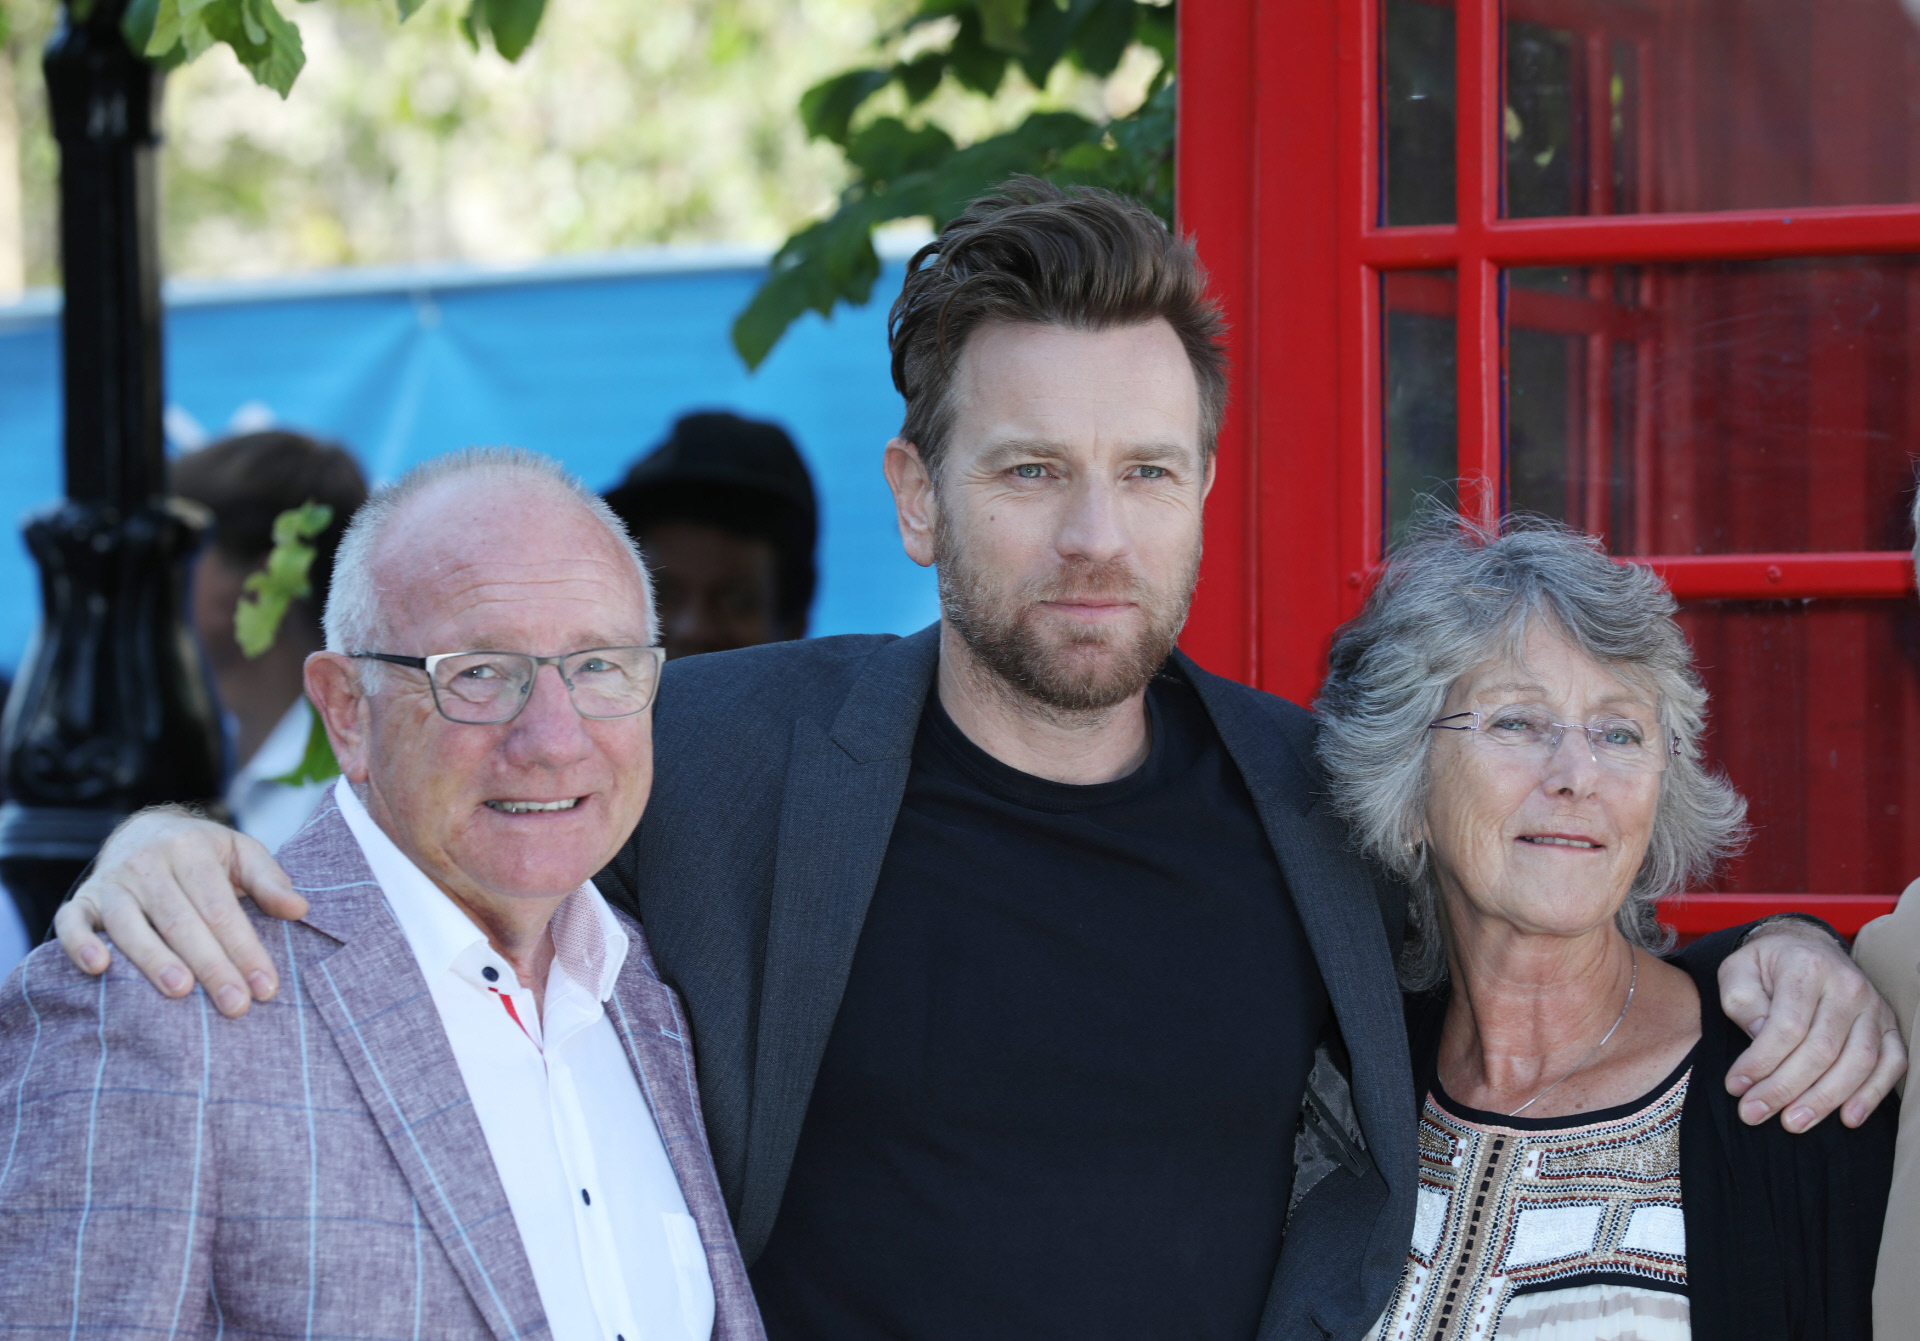 El actor junto a sus padres, James y Carol McGregor.